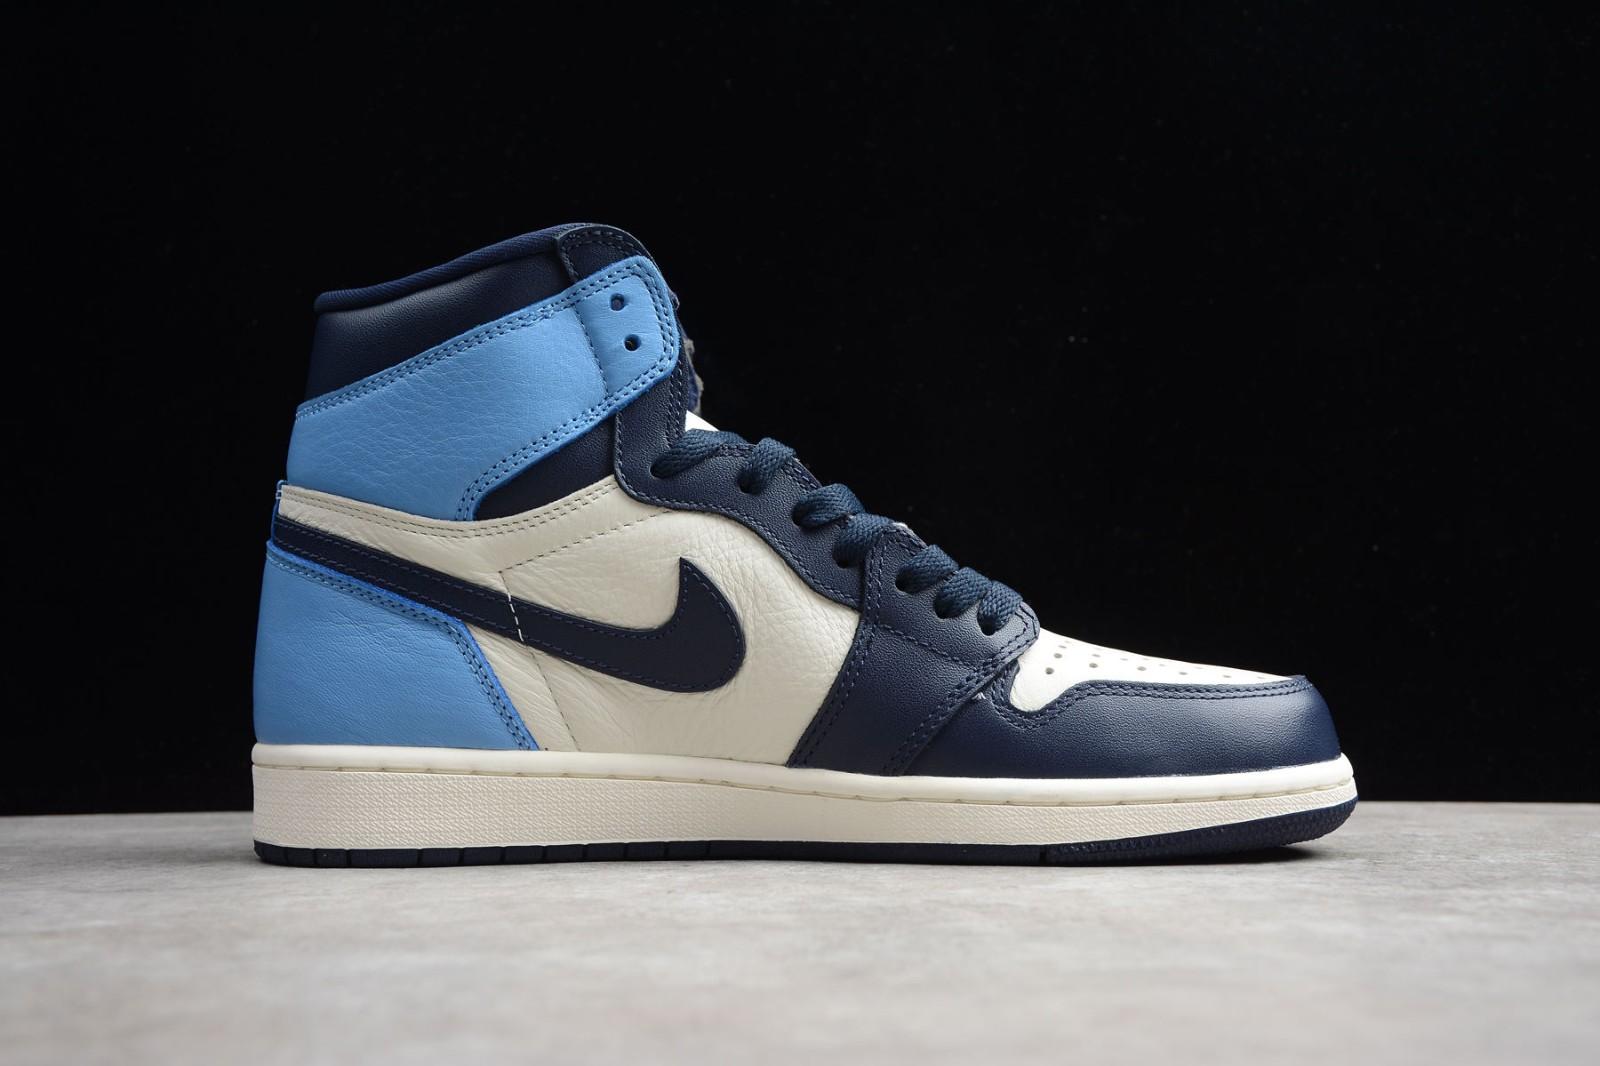 Nike Air Jordan 1 Retro High OG Obsidian Blue White AJ1 Mens ...